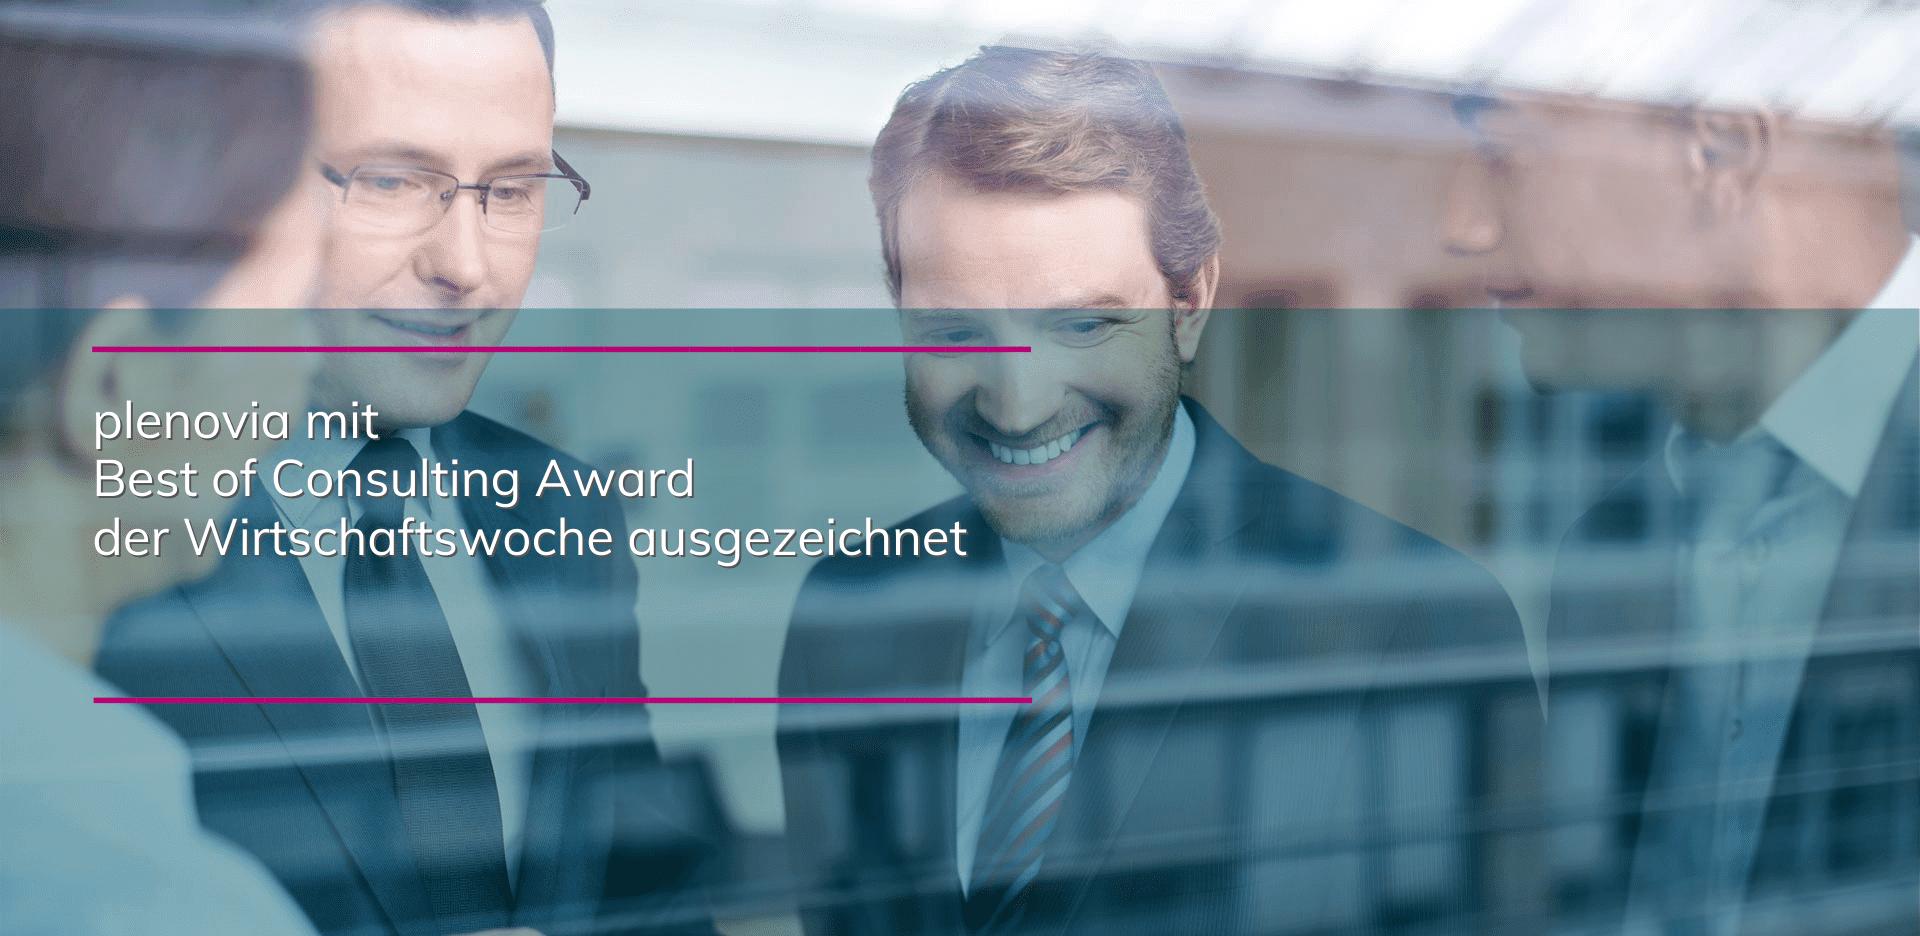 plenovia wieder mit Best of Consulting Award der WiWo für Projekt Pfeiffer Reisen ausgezeichnet